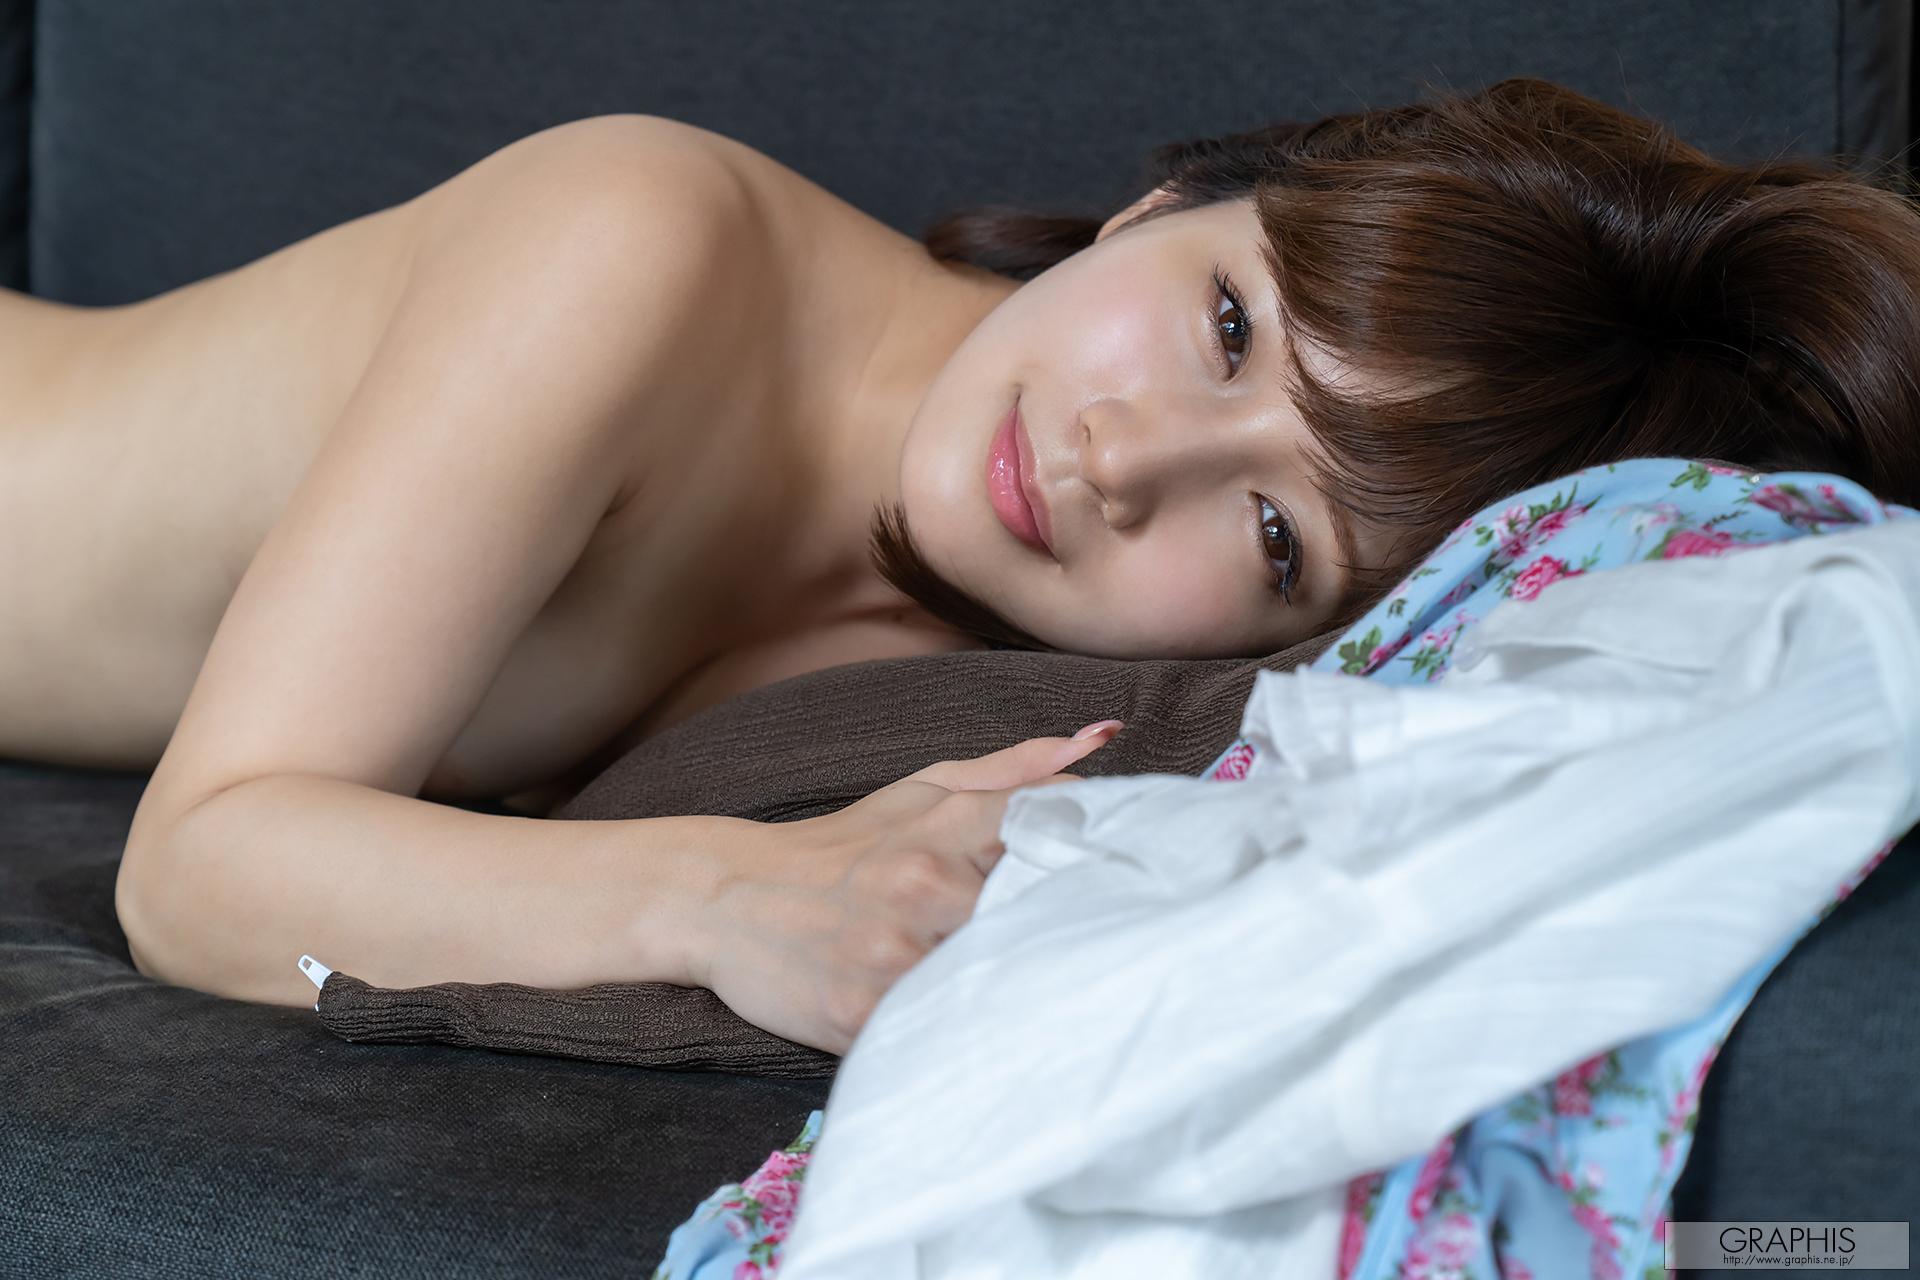 小岛南 Minami Kojima 小島みなみ Winter Special 『Can you come here!  』